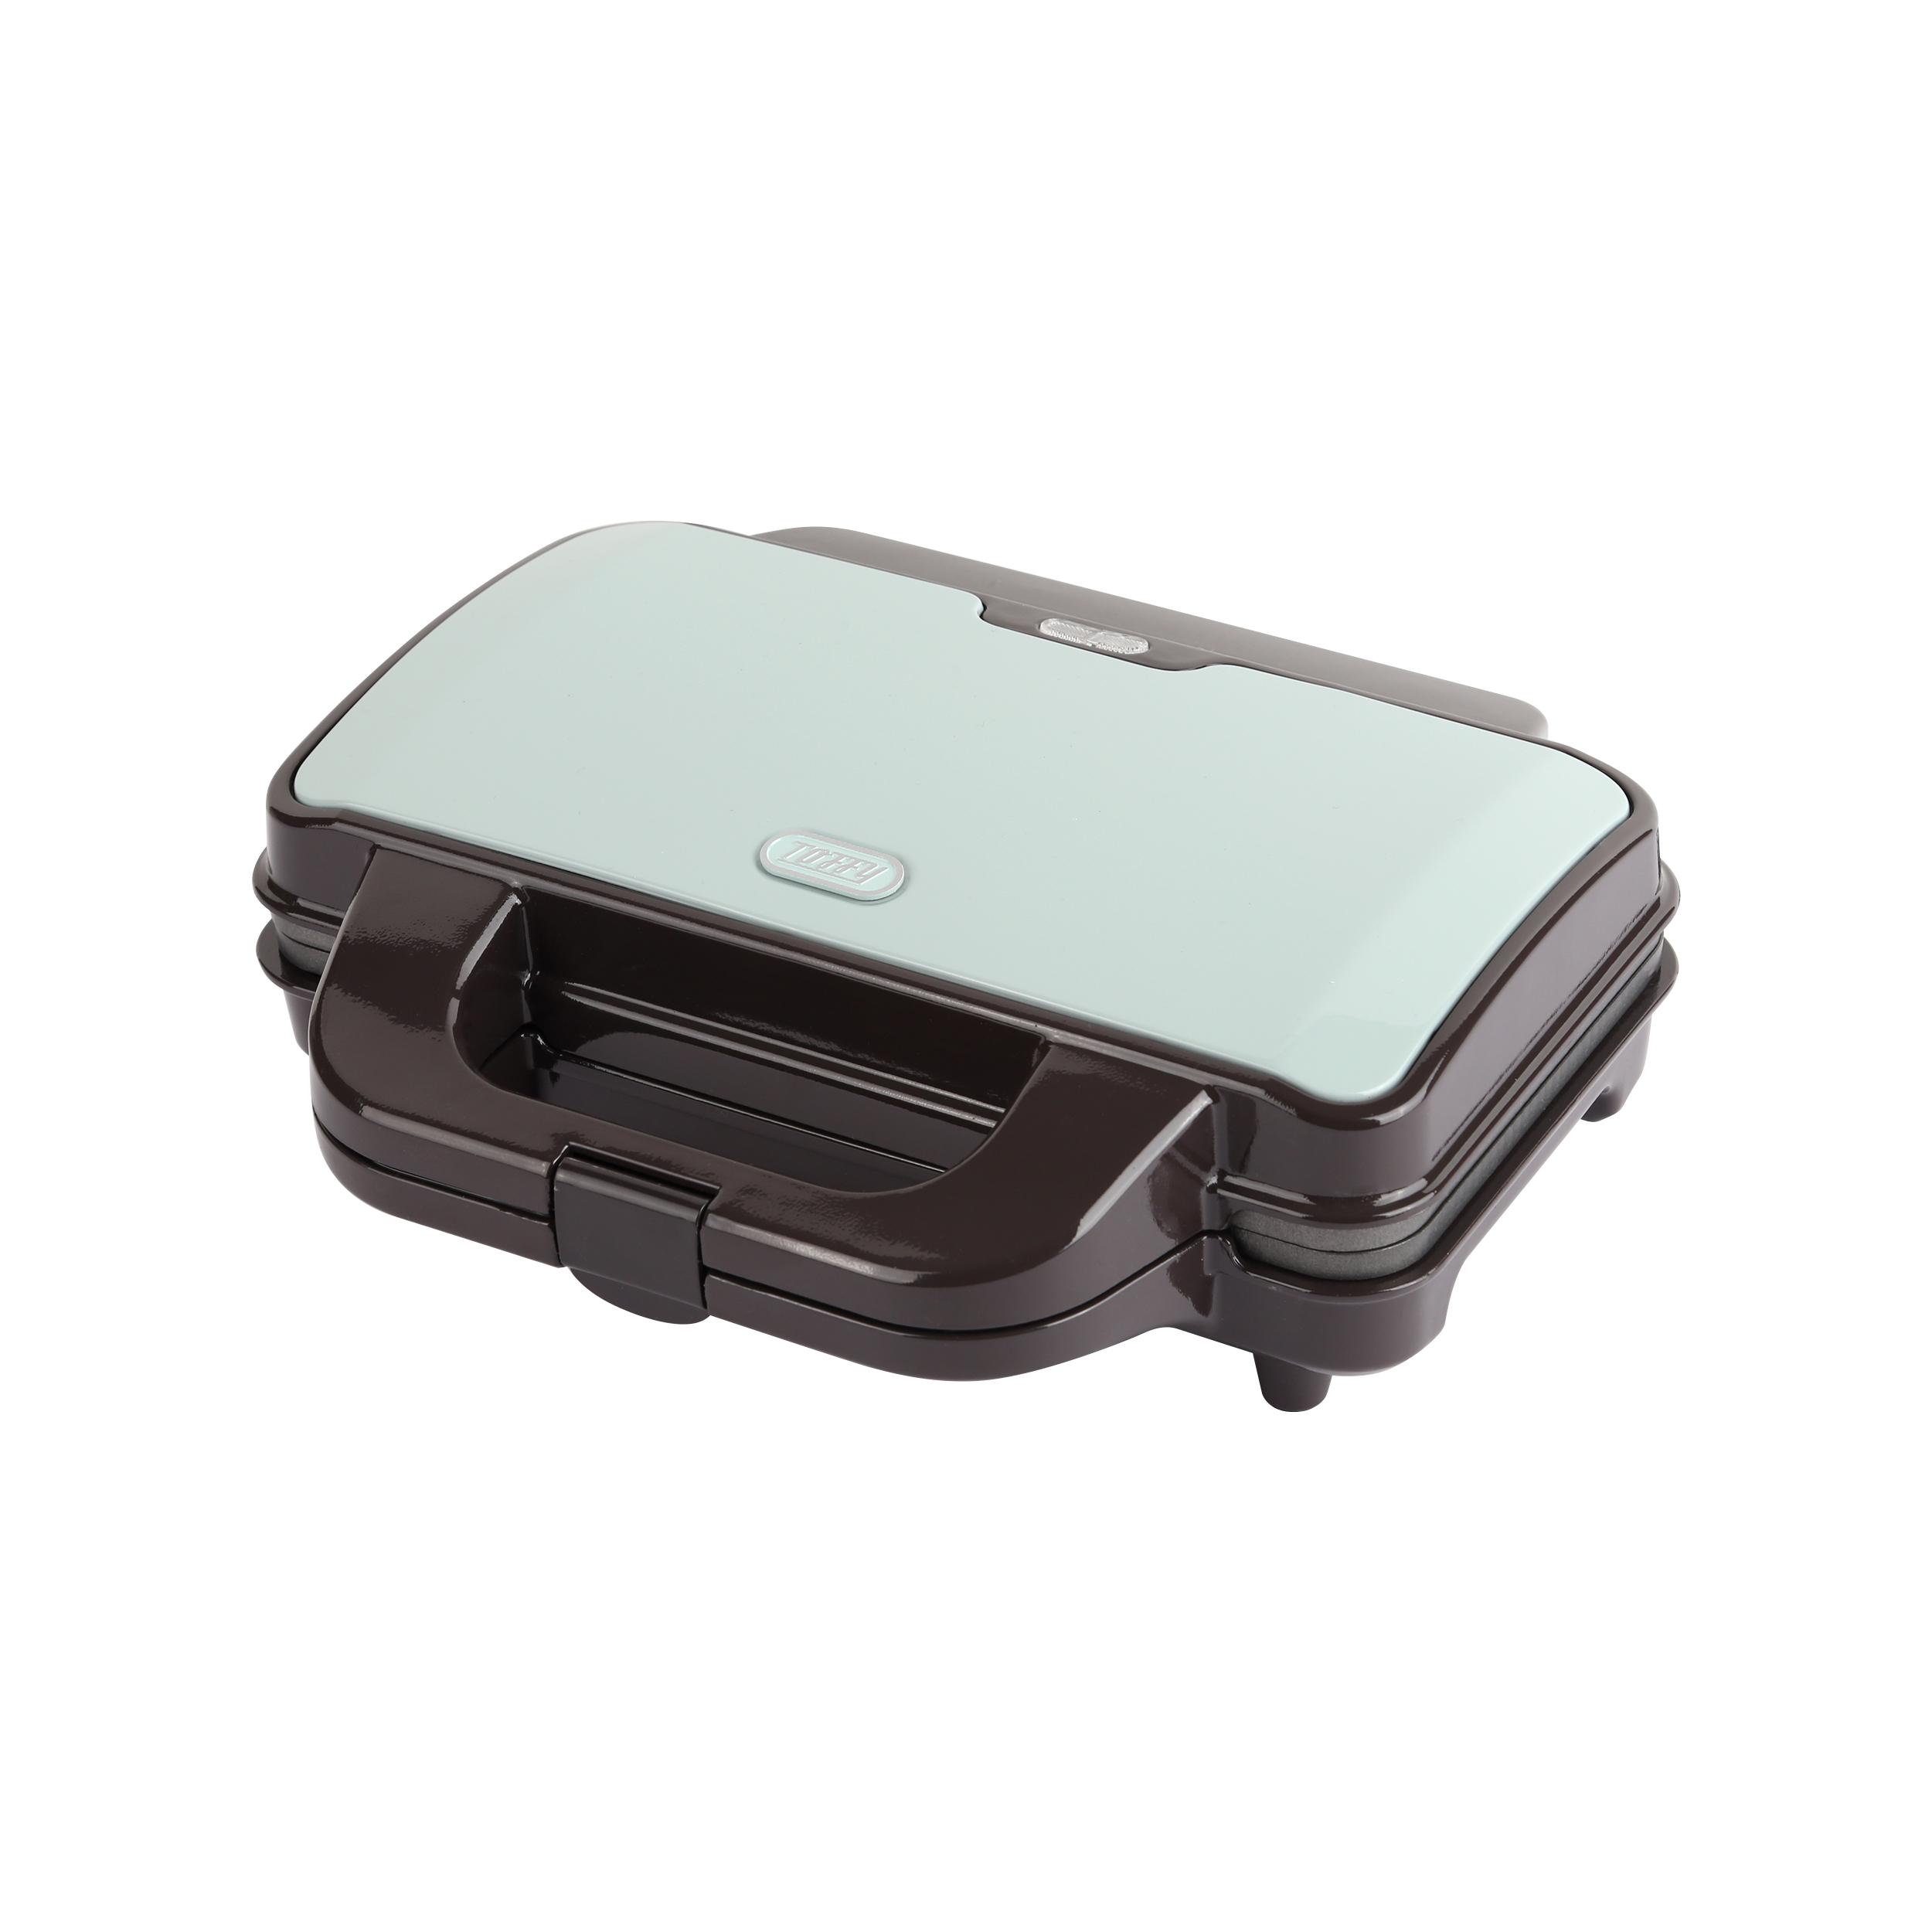 토피 핫 샌드위치 메이커 토스터, K-HS1-KR-PA(펄아쿠아)